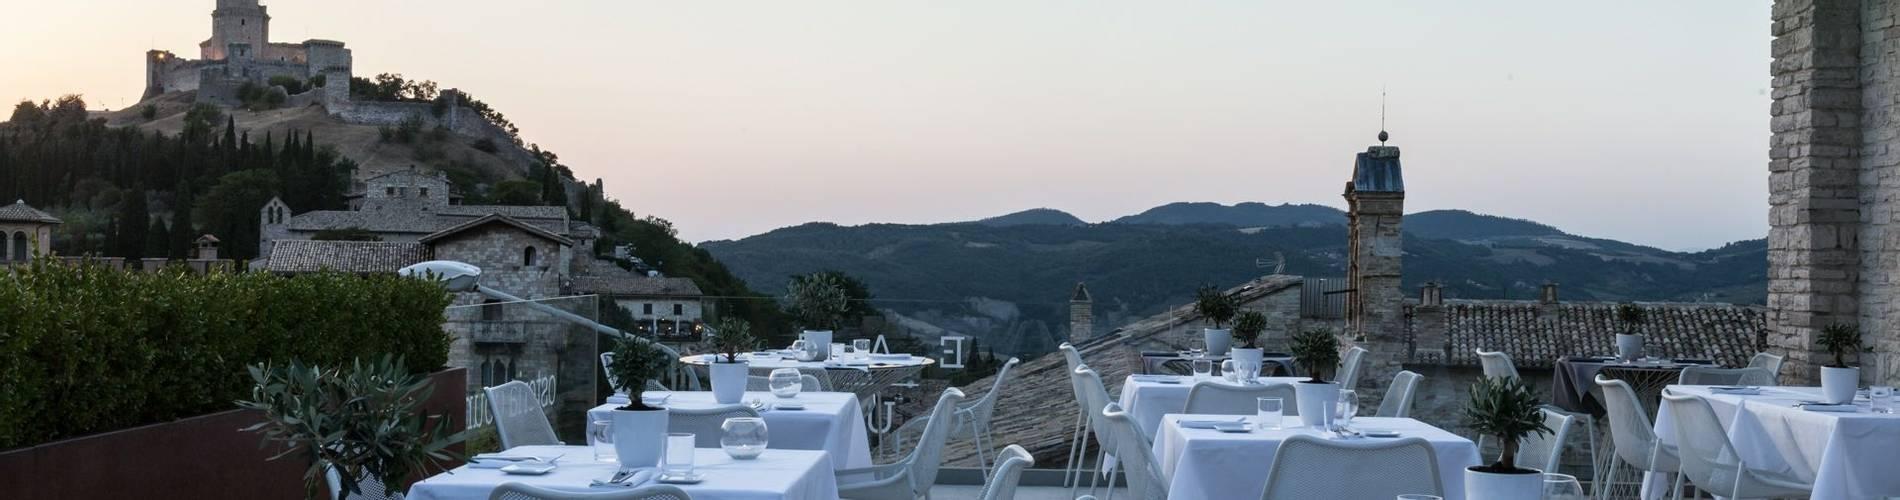 Nun Assisi Relais & Spa, Umbria, Italy (3).jpg